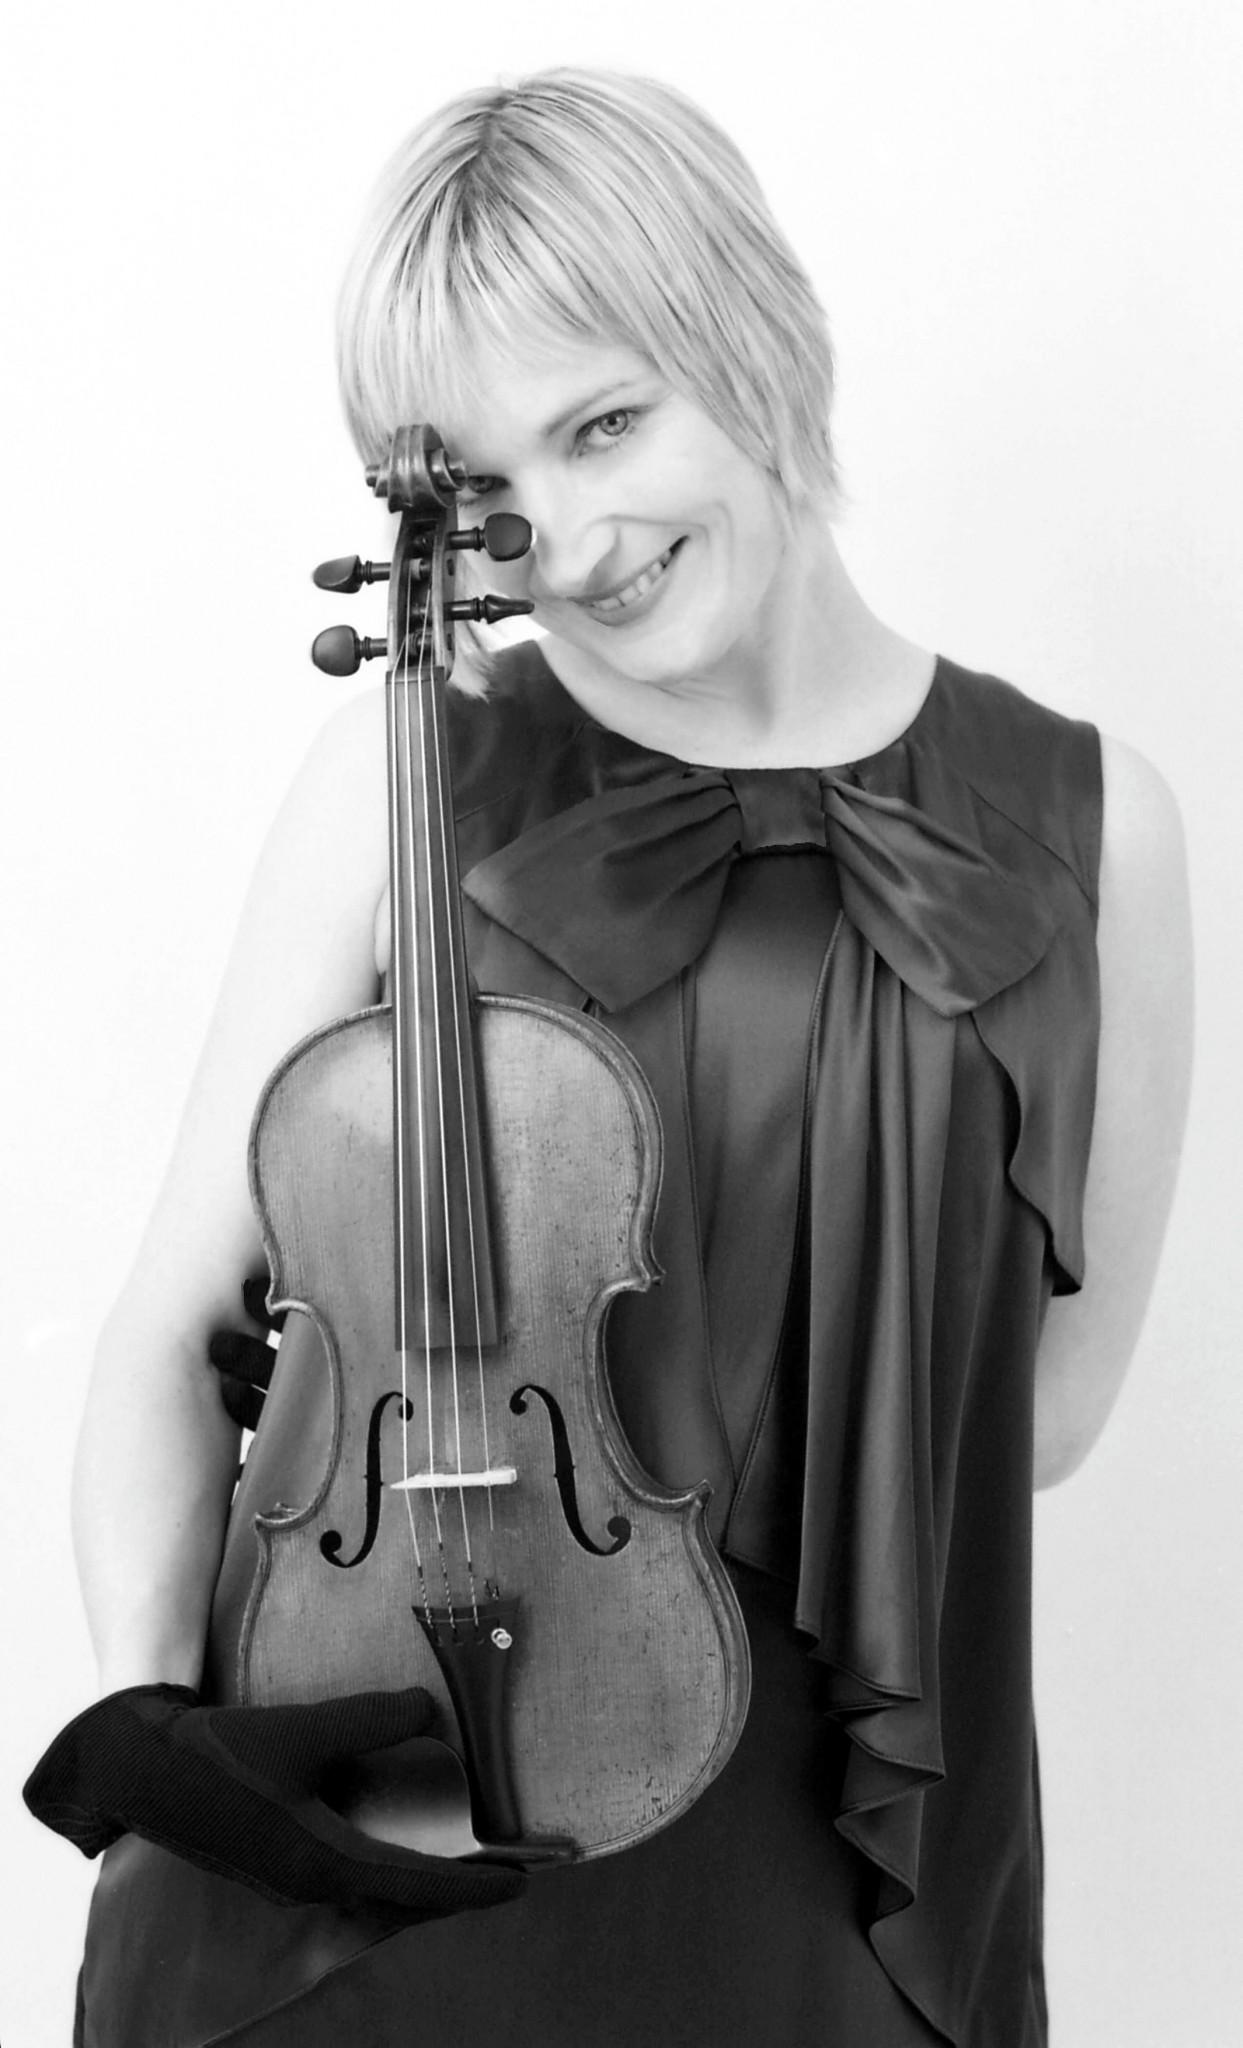 portretfoto muzikant